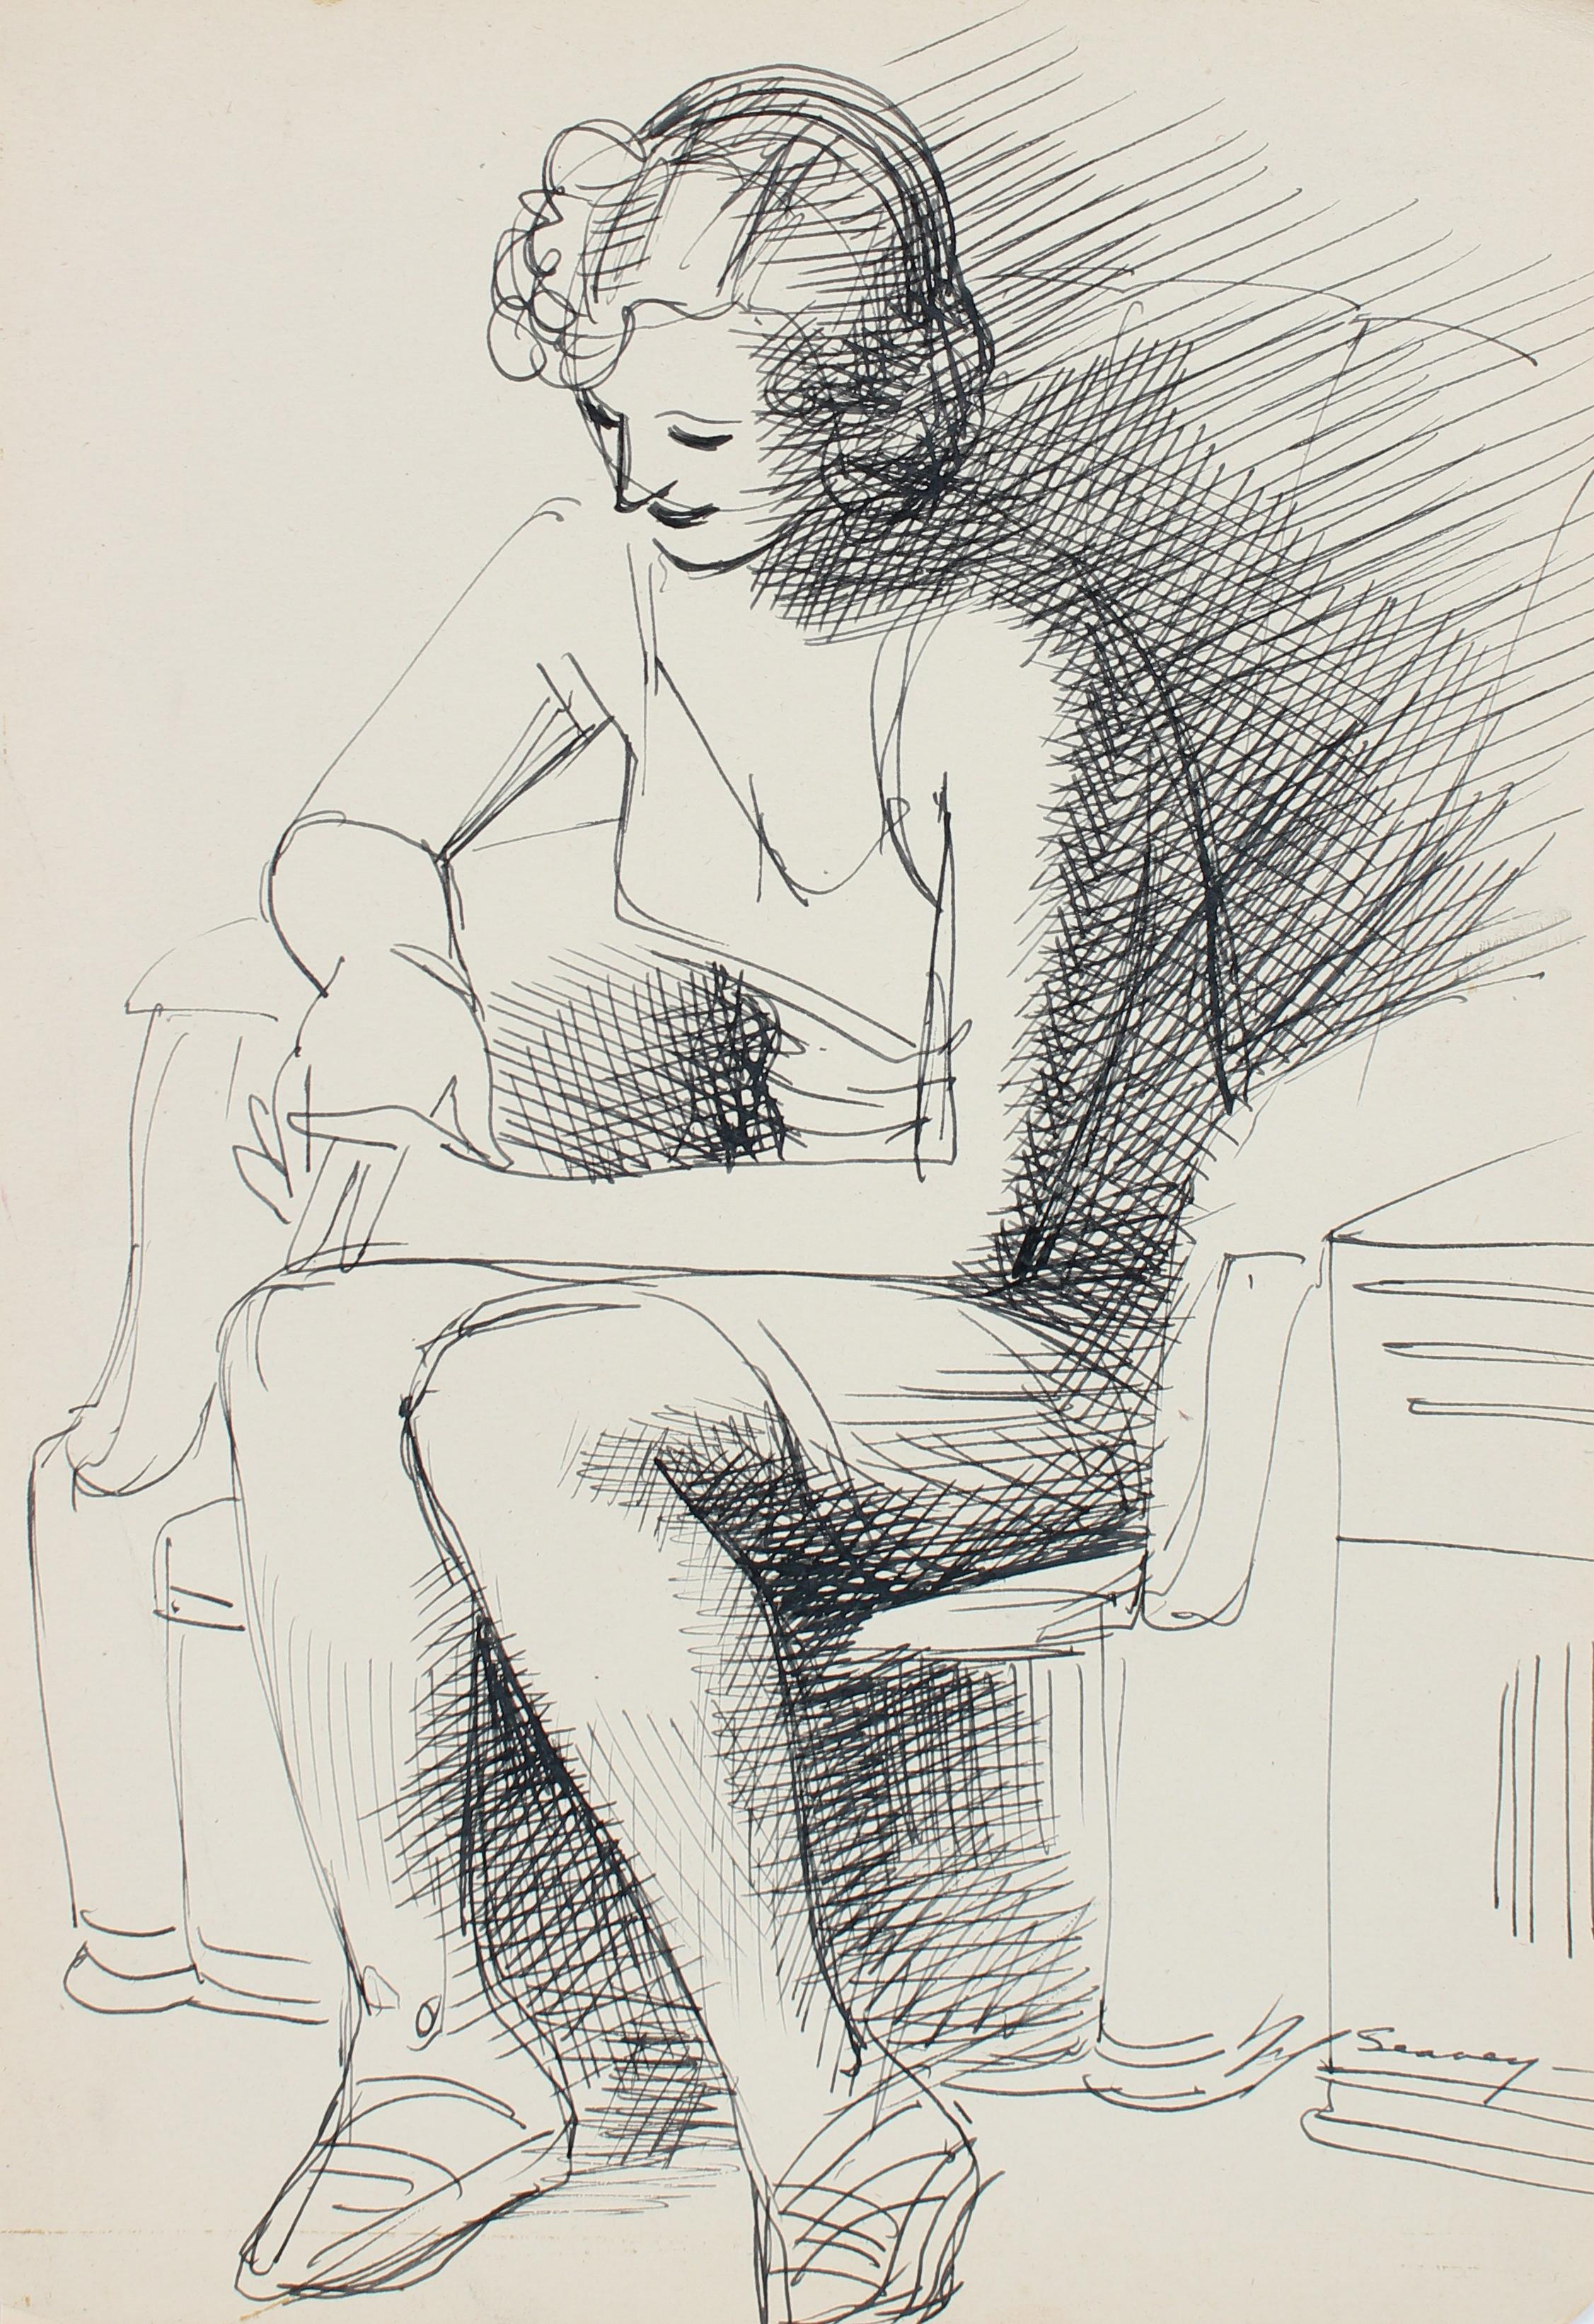 Black & White Ink Illustration 1930-40s